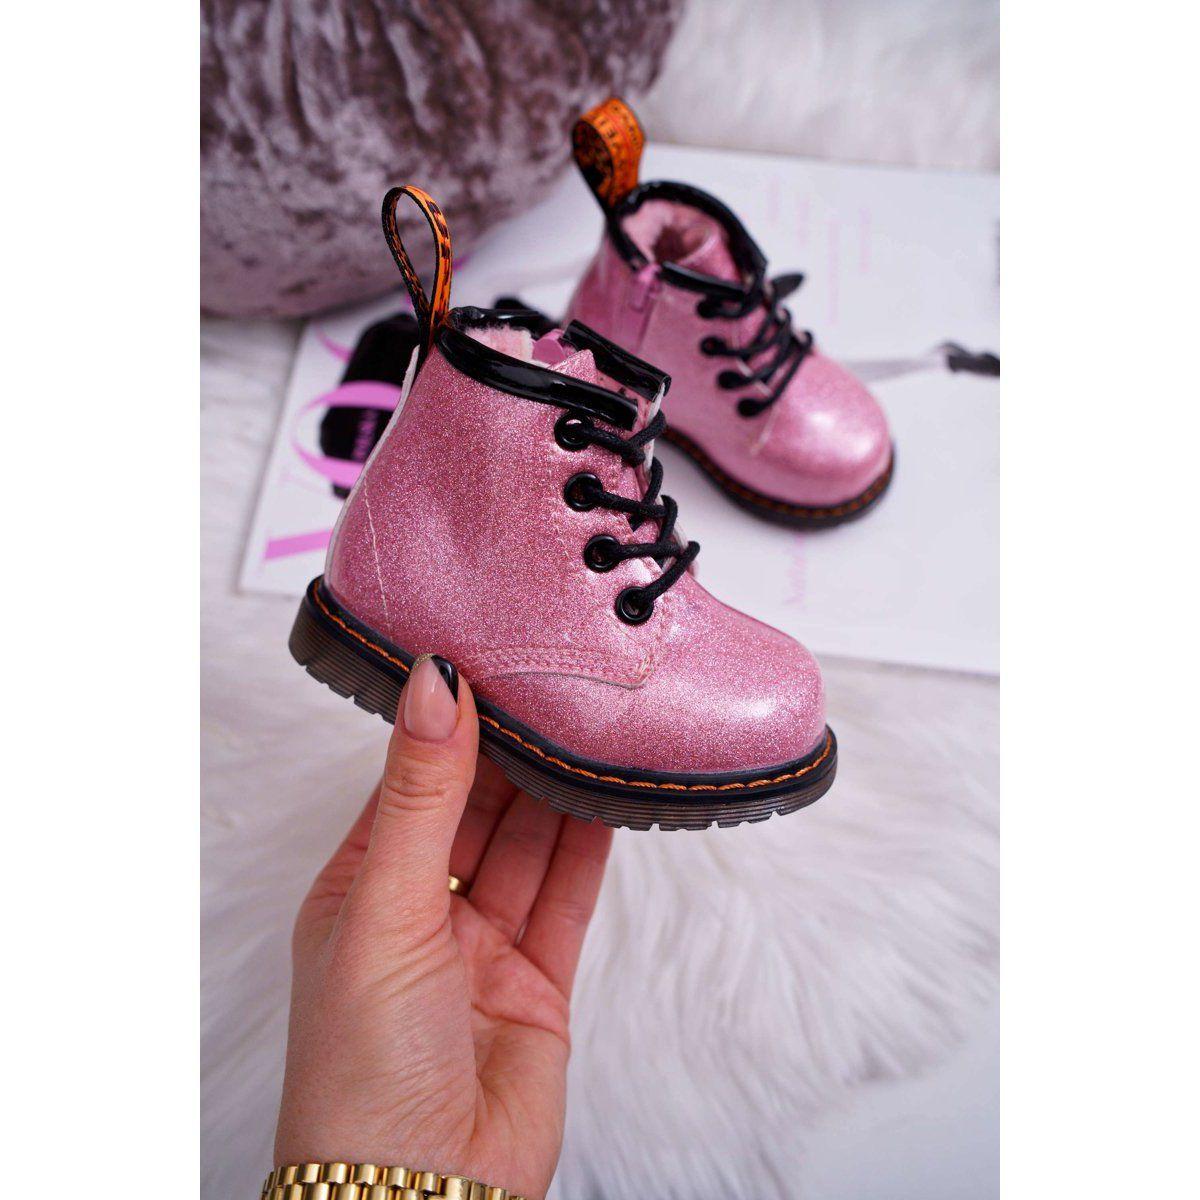 Frrock Dzieciece Botki Ocieplane Z Suwakiem Lakierowane Brokat Rozowe Mistor Combat Boots Boots Dr Martens Boots